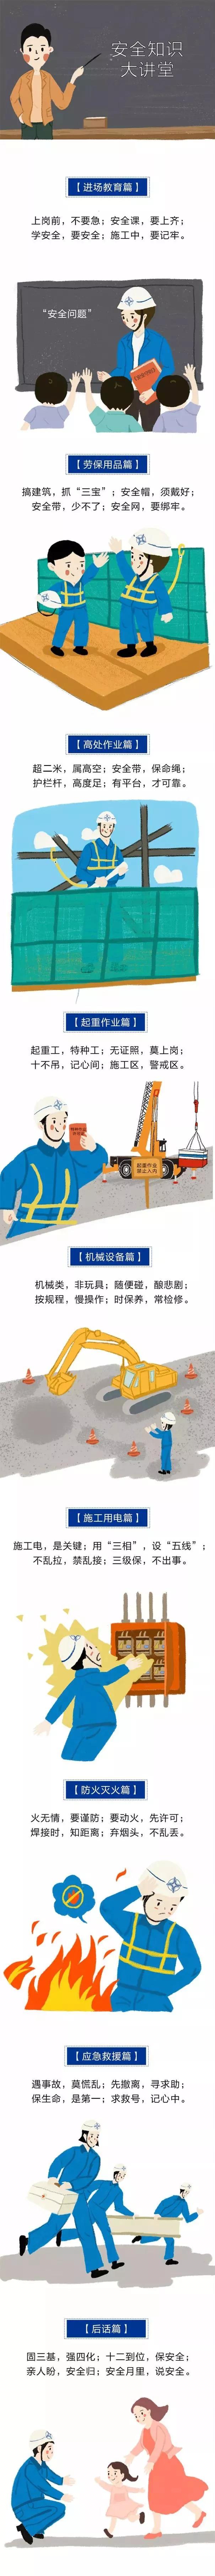 """工程人的安全""""三字经"""",推荐传阅"""